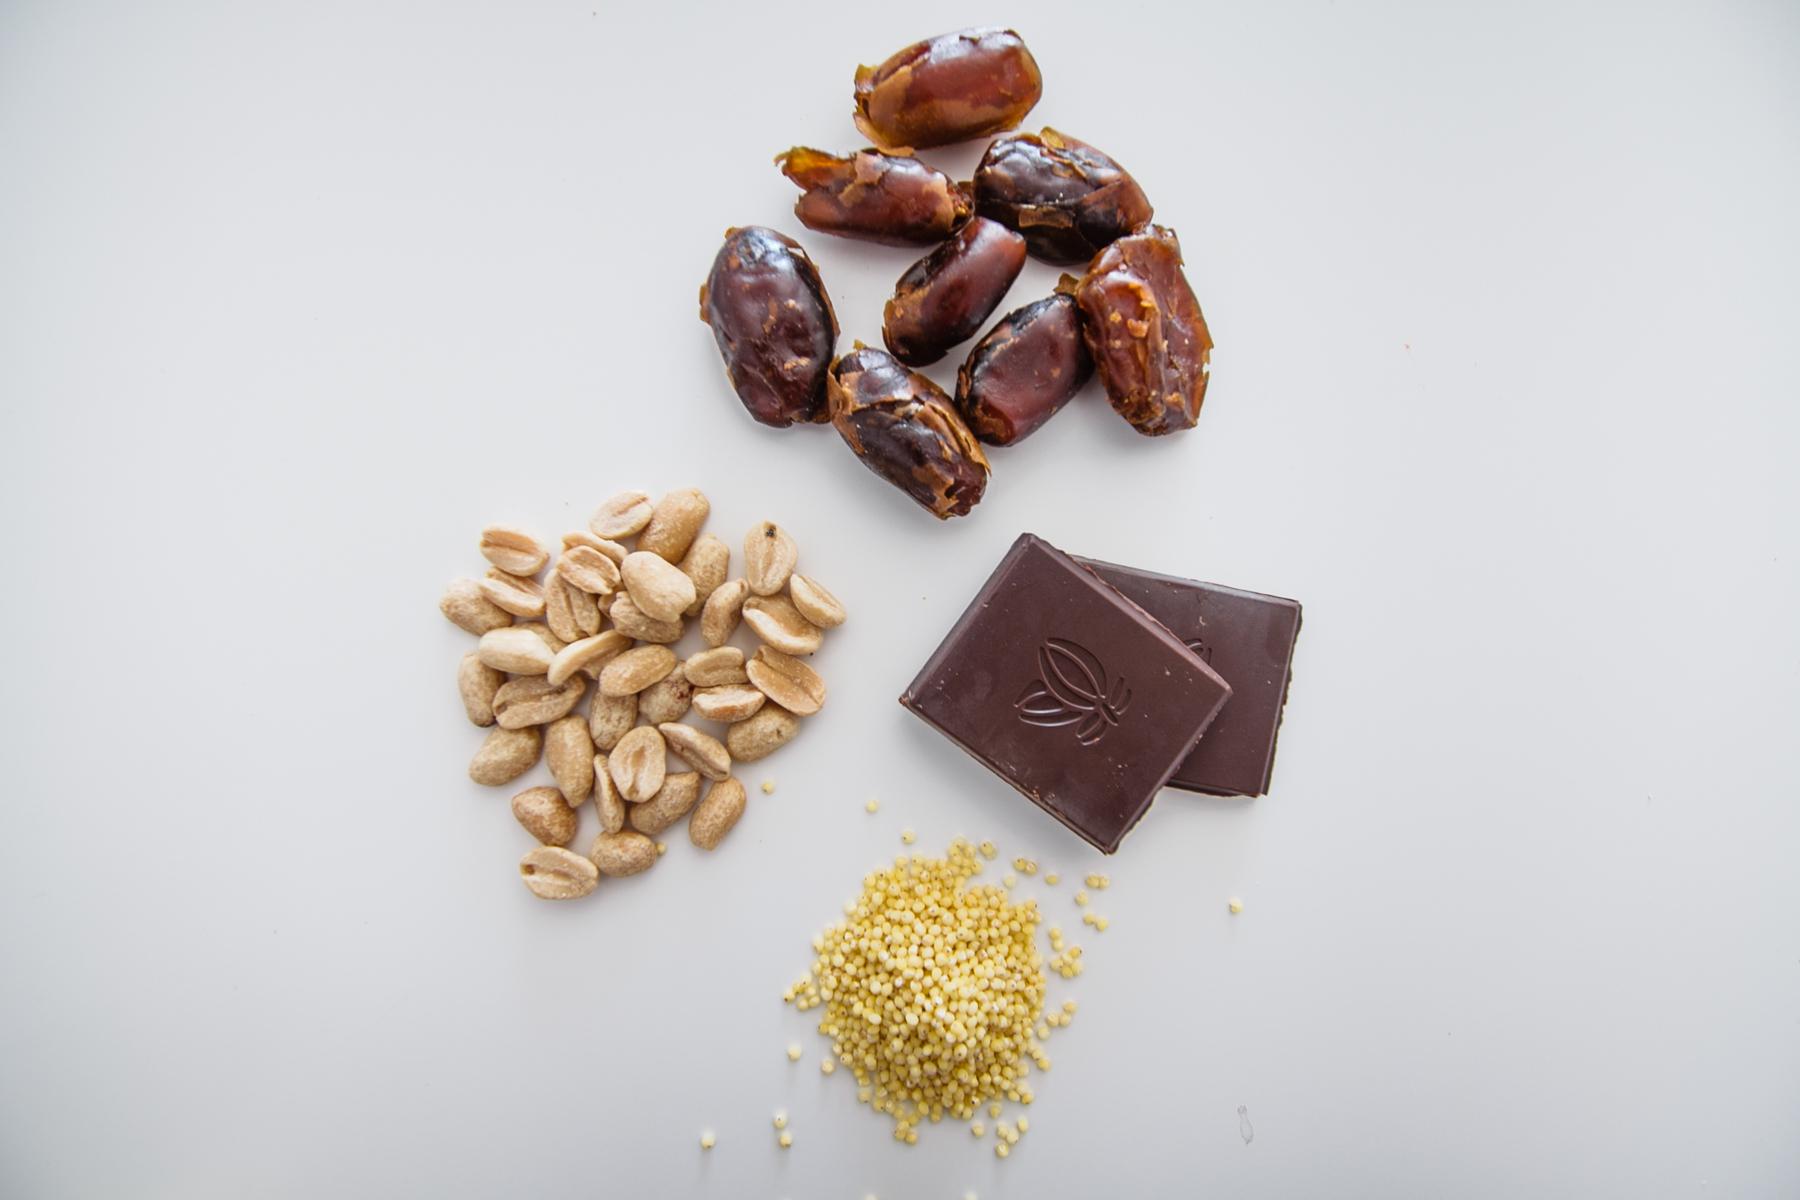 składniki do snickersa